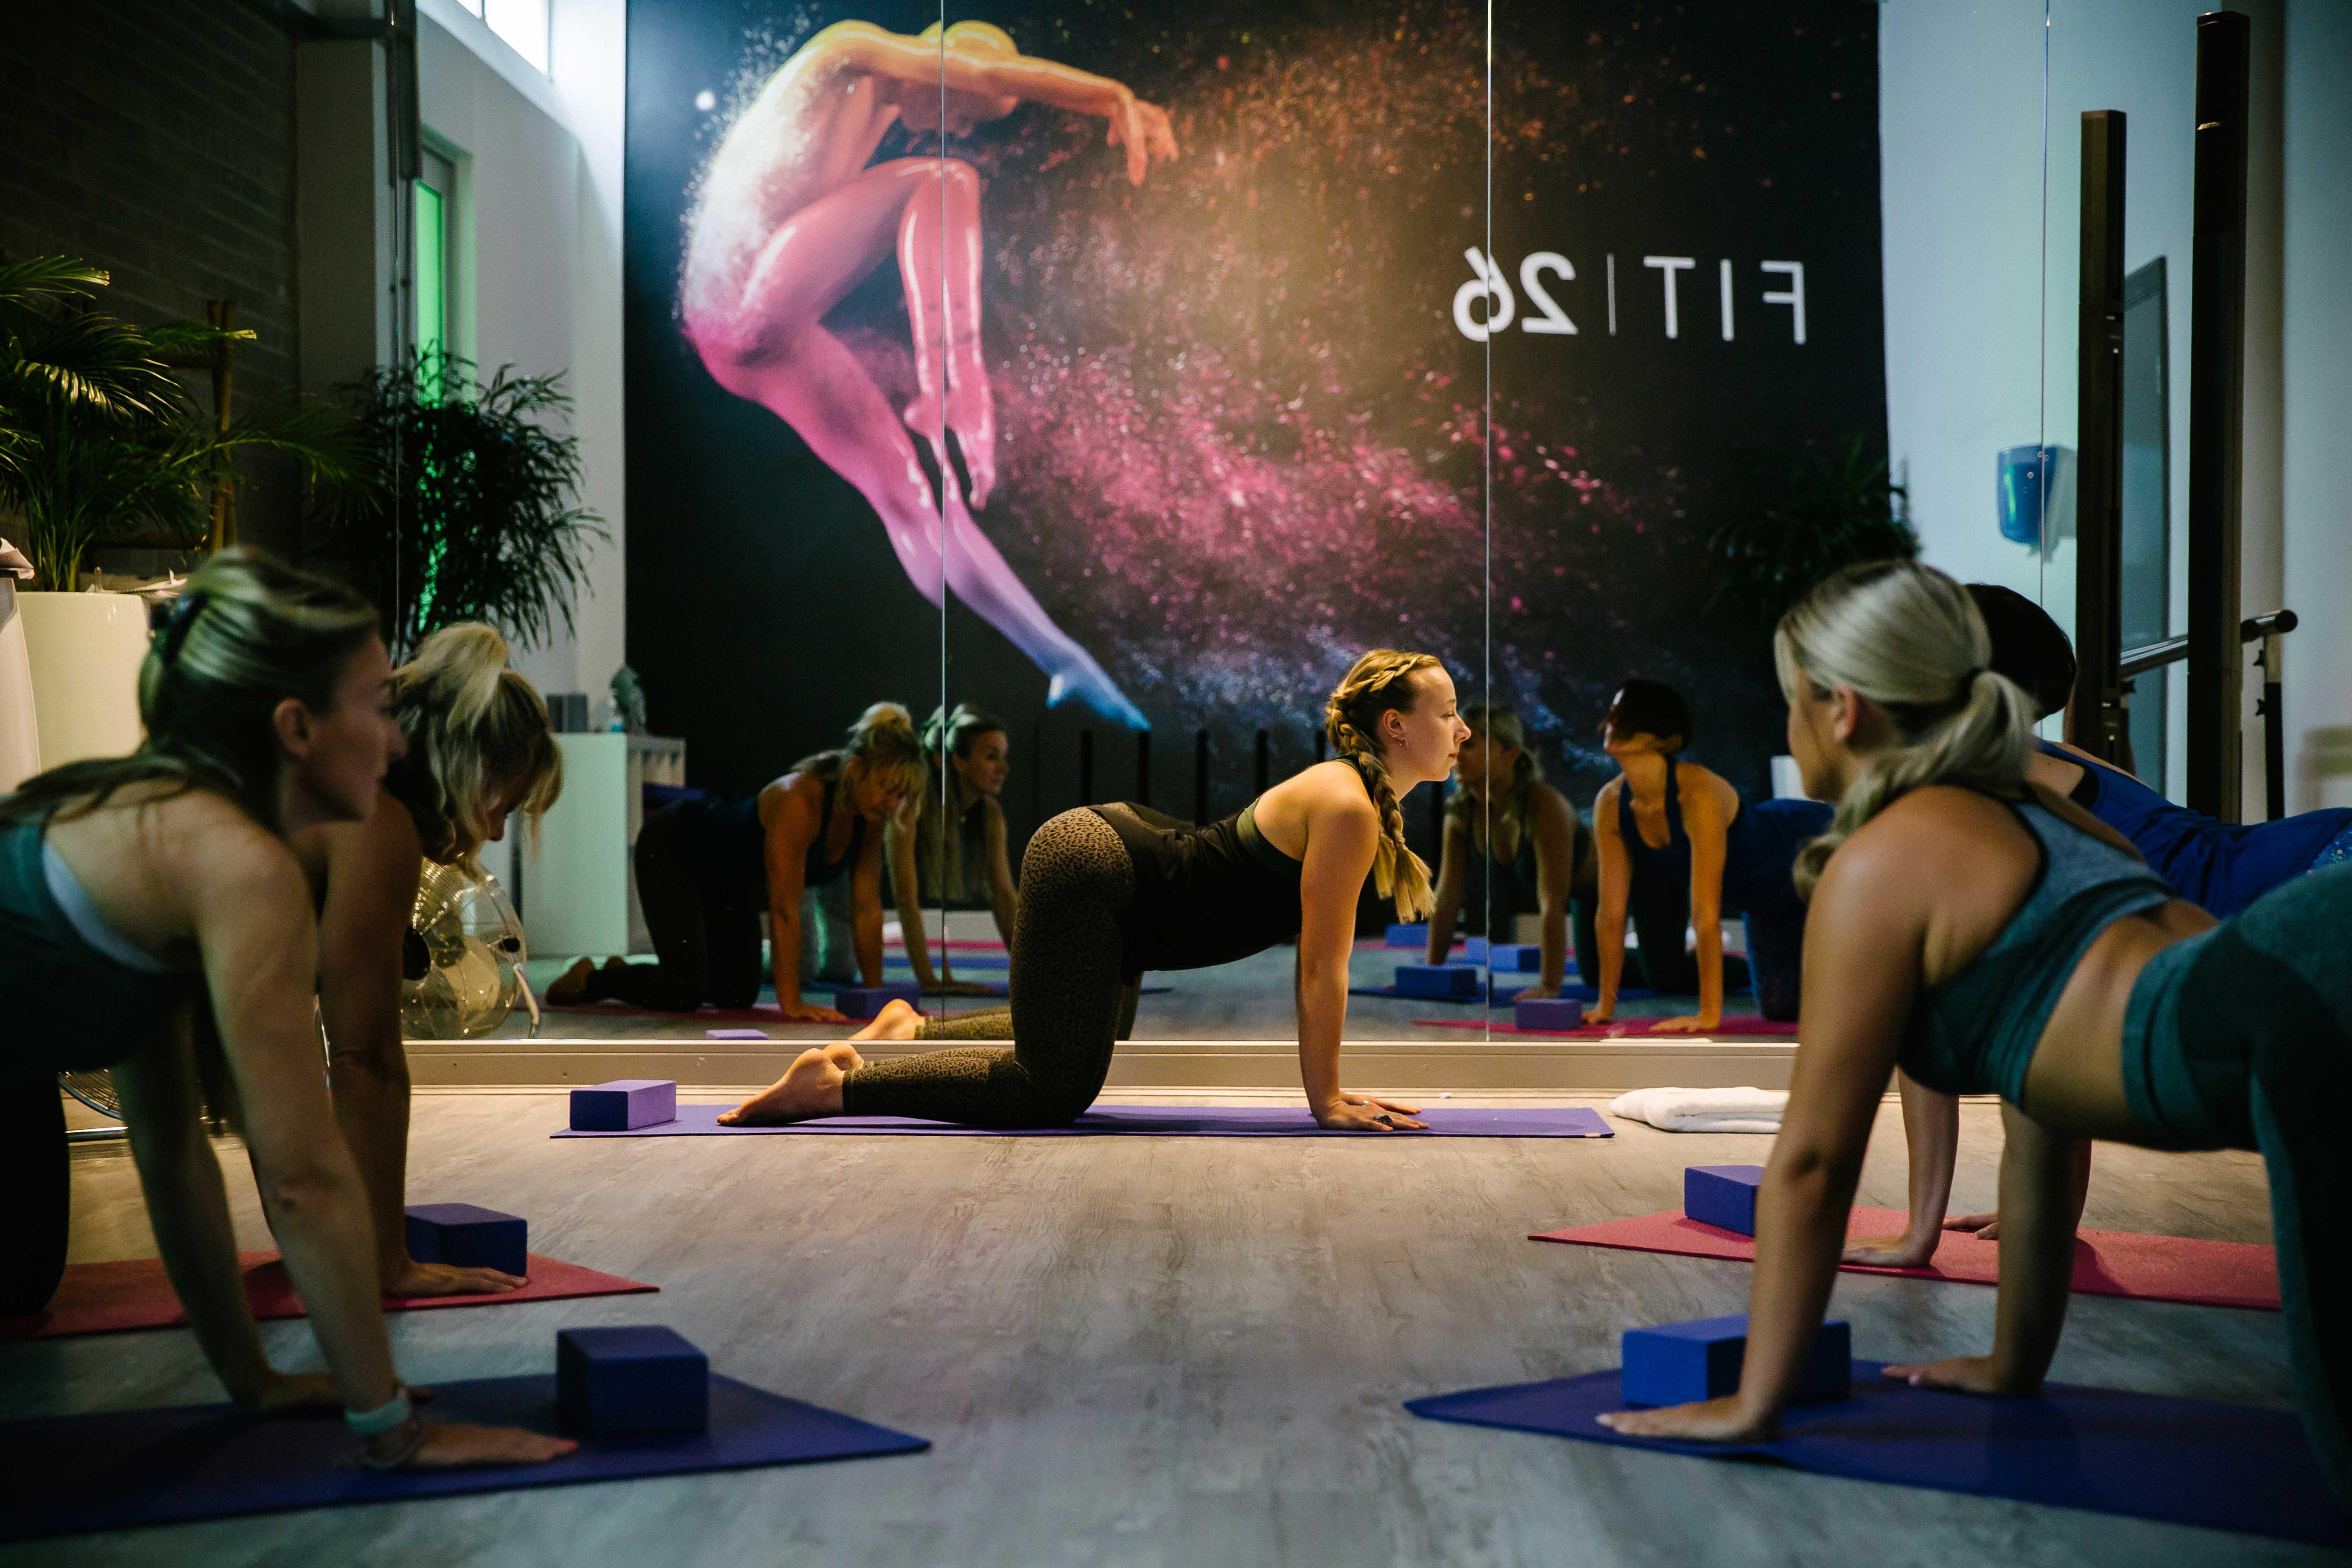 Fit26 - Yoga